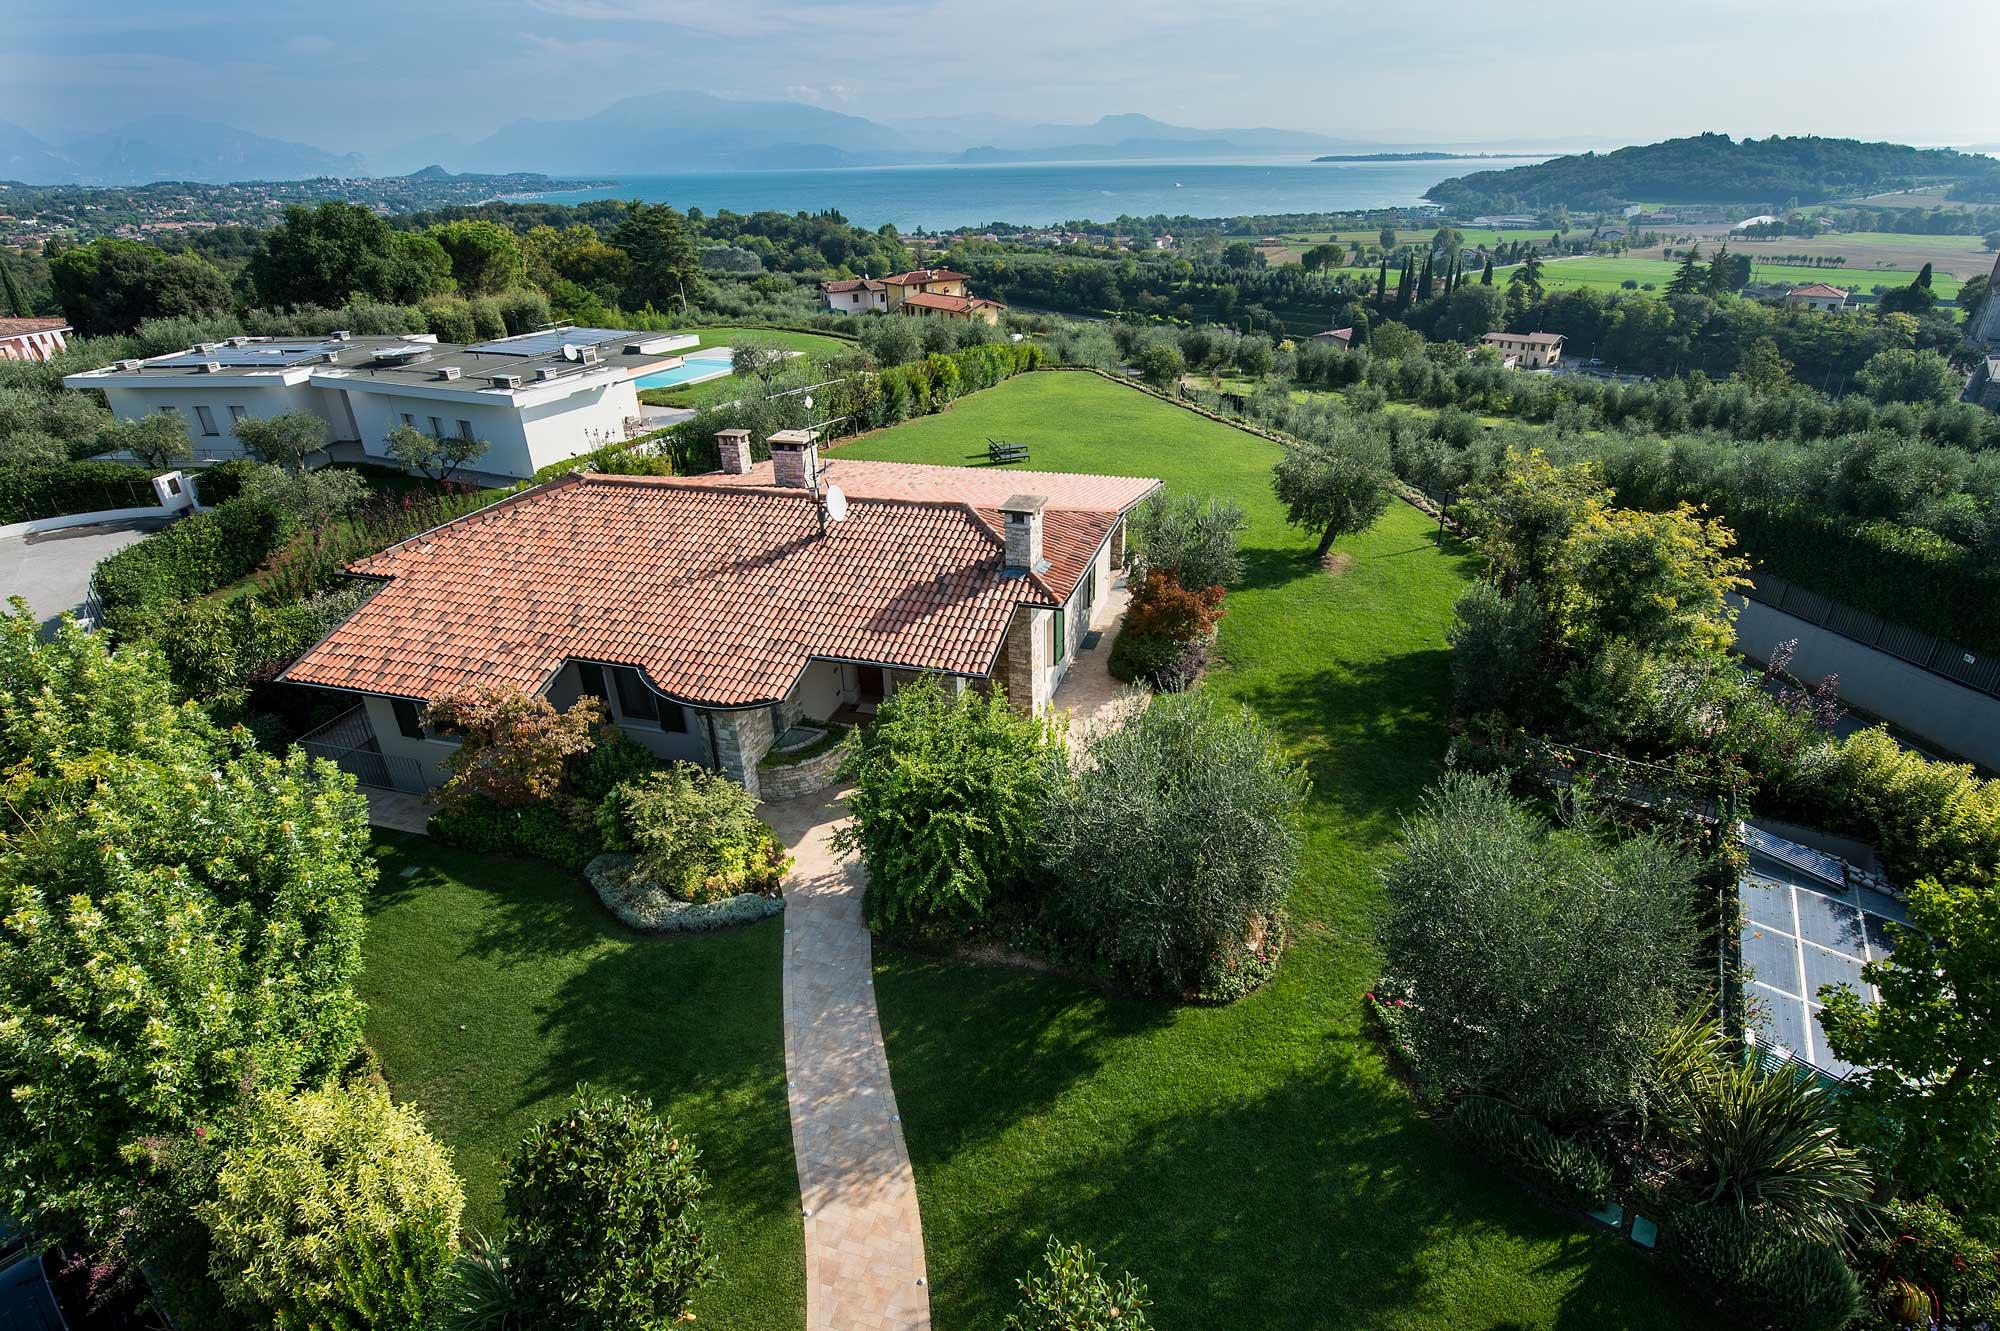 Progettazione e realizzazione giardino a brescia lizzeri for Arredo giardino brescia